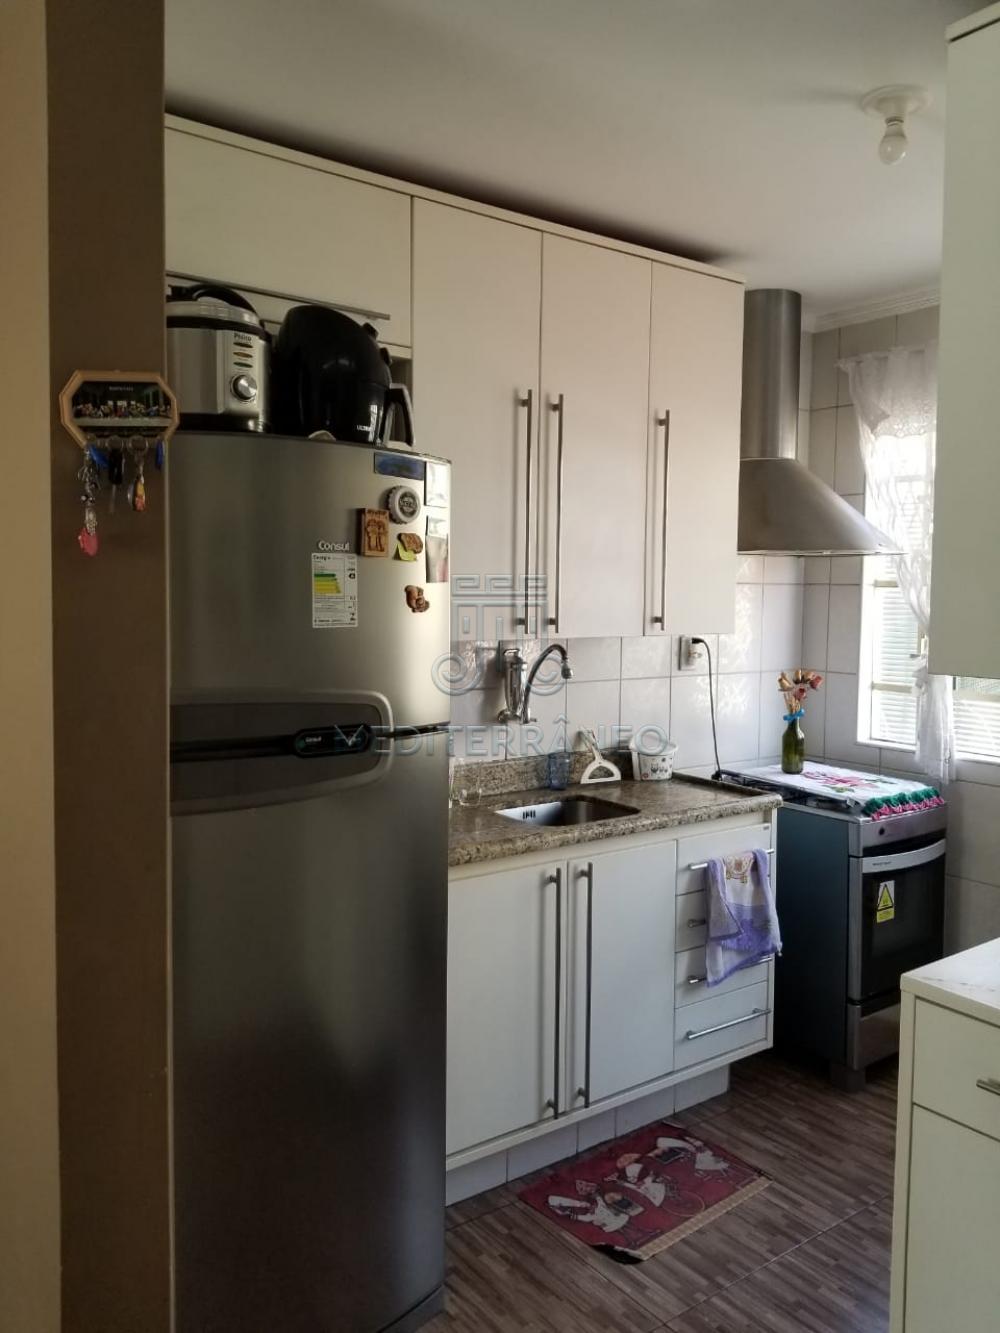 Alugar Apartamento / Padrão em Jundiaí apenas R$ 1.300,00 - Foto 3